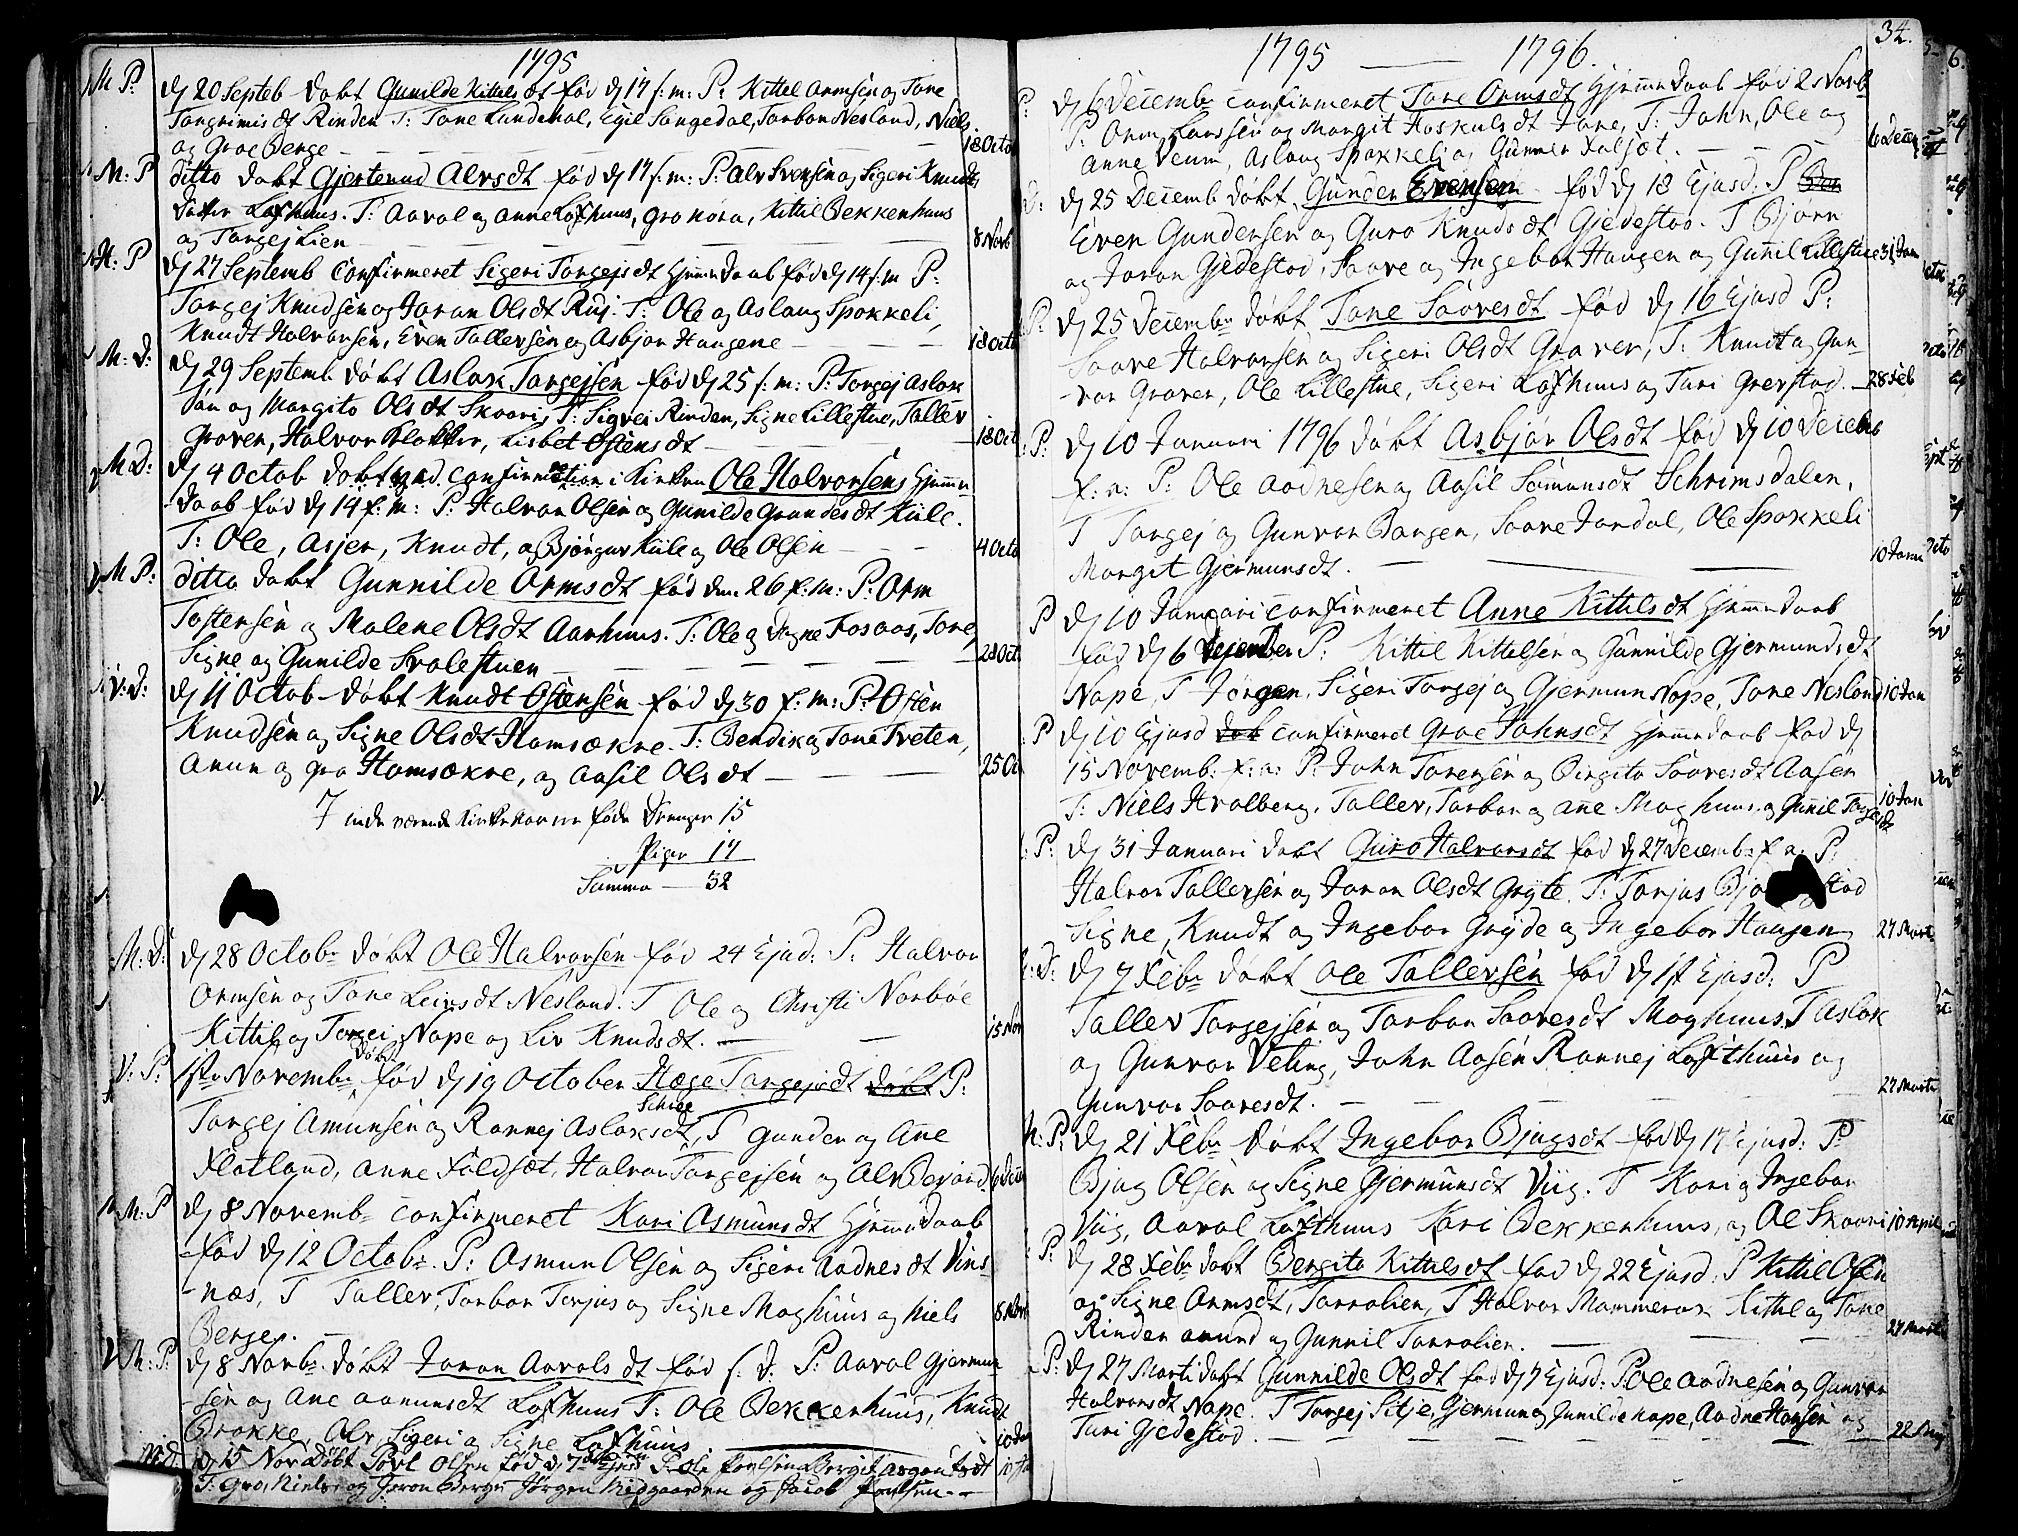 SAKO, Fyresdal kirkebøker, F/Fa/L0002: Ministerialbok nr. I 2, 1769-1814, s. 34